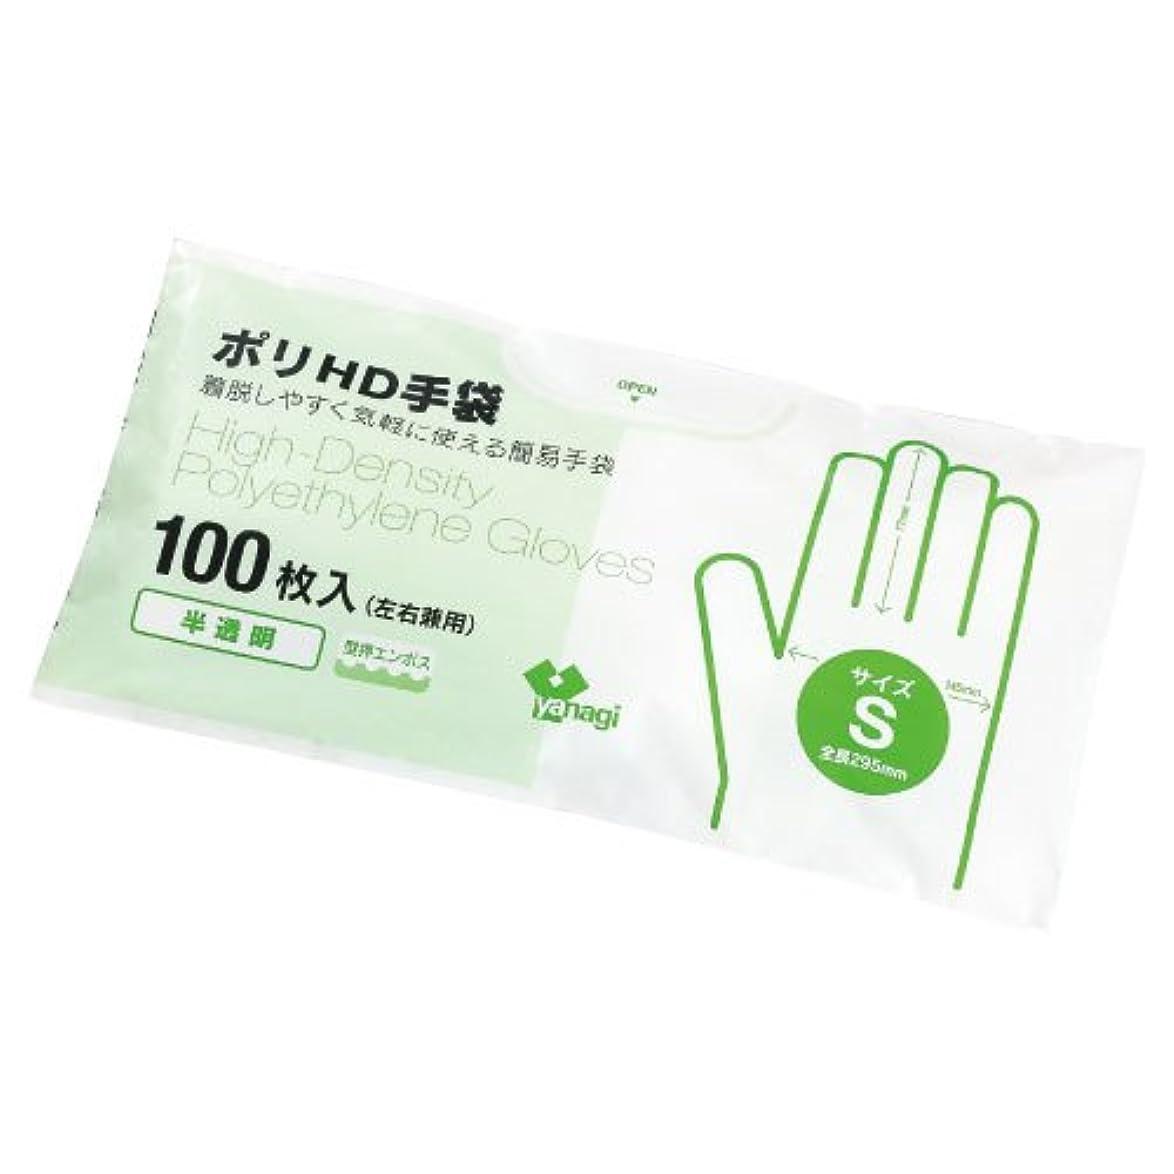 スティック取り出すクルーズポリHD手袋(半透明)型押エンボス TB-203(M)100???? ???HD???????????????(24-2575-01)【やなぎプロダクツ】[120袋単位]